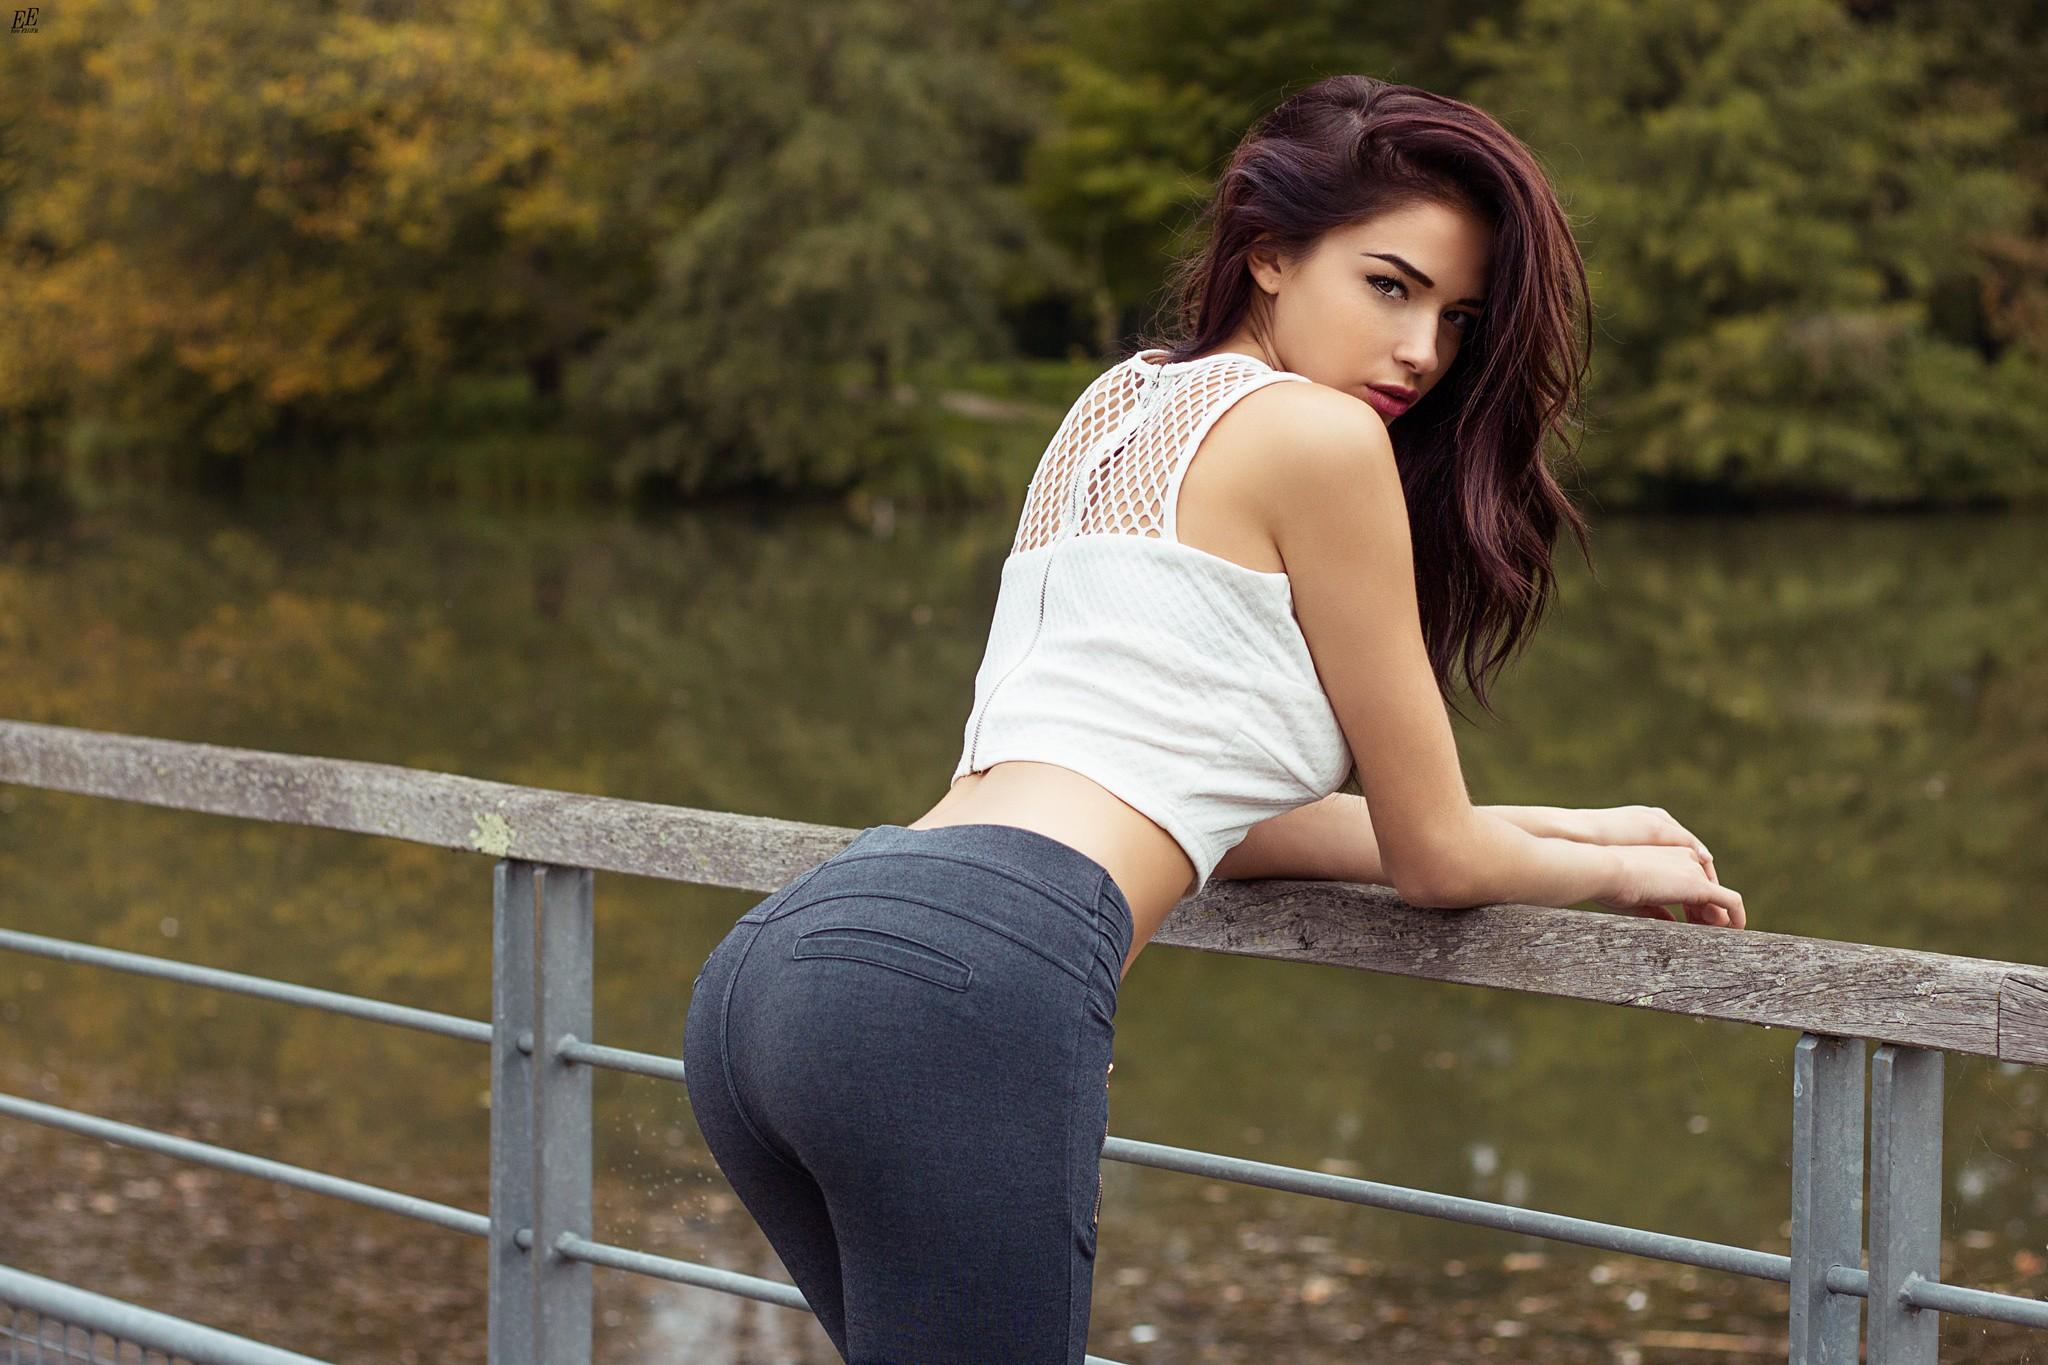 Фото моделей девушек раком